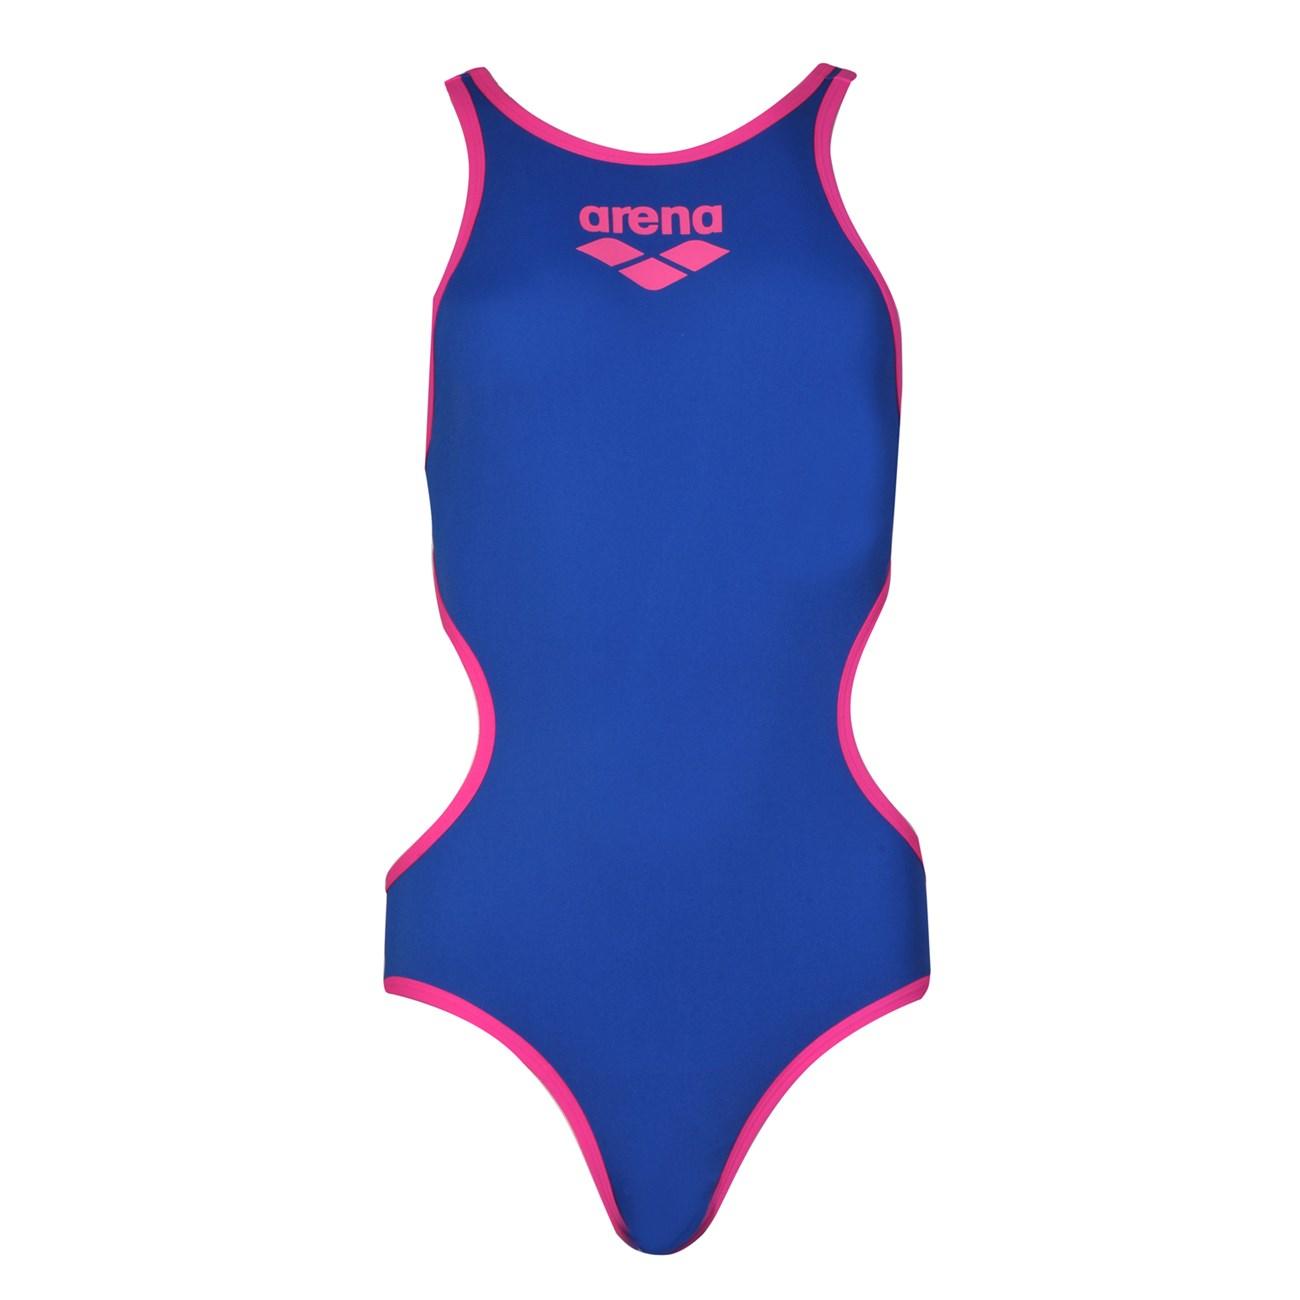 0a58b0a20e3 ARENA W ARENA ONE BIGLOGO ONE PIECE < Μαγιό Κολύμβησης | INTERSPORT